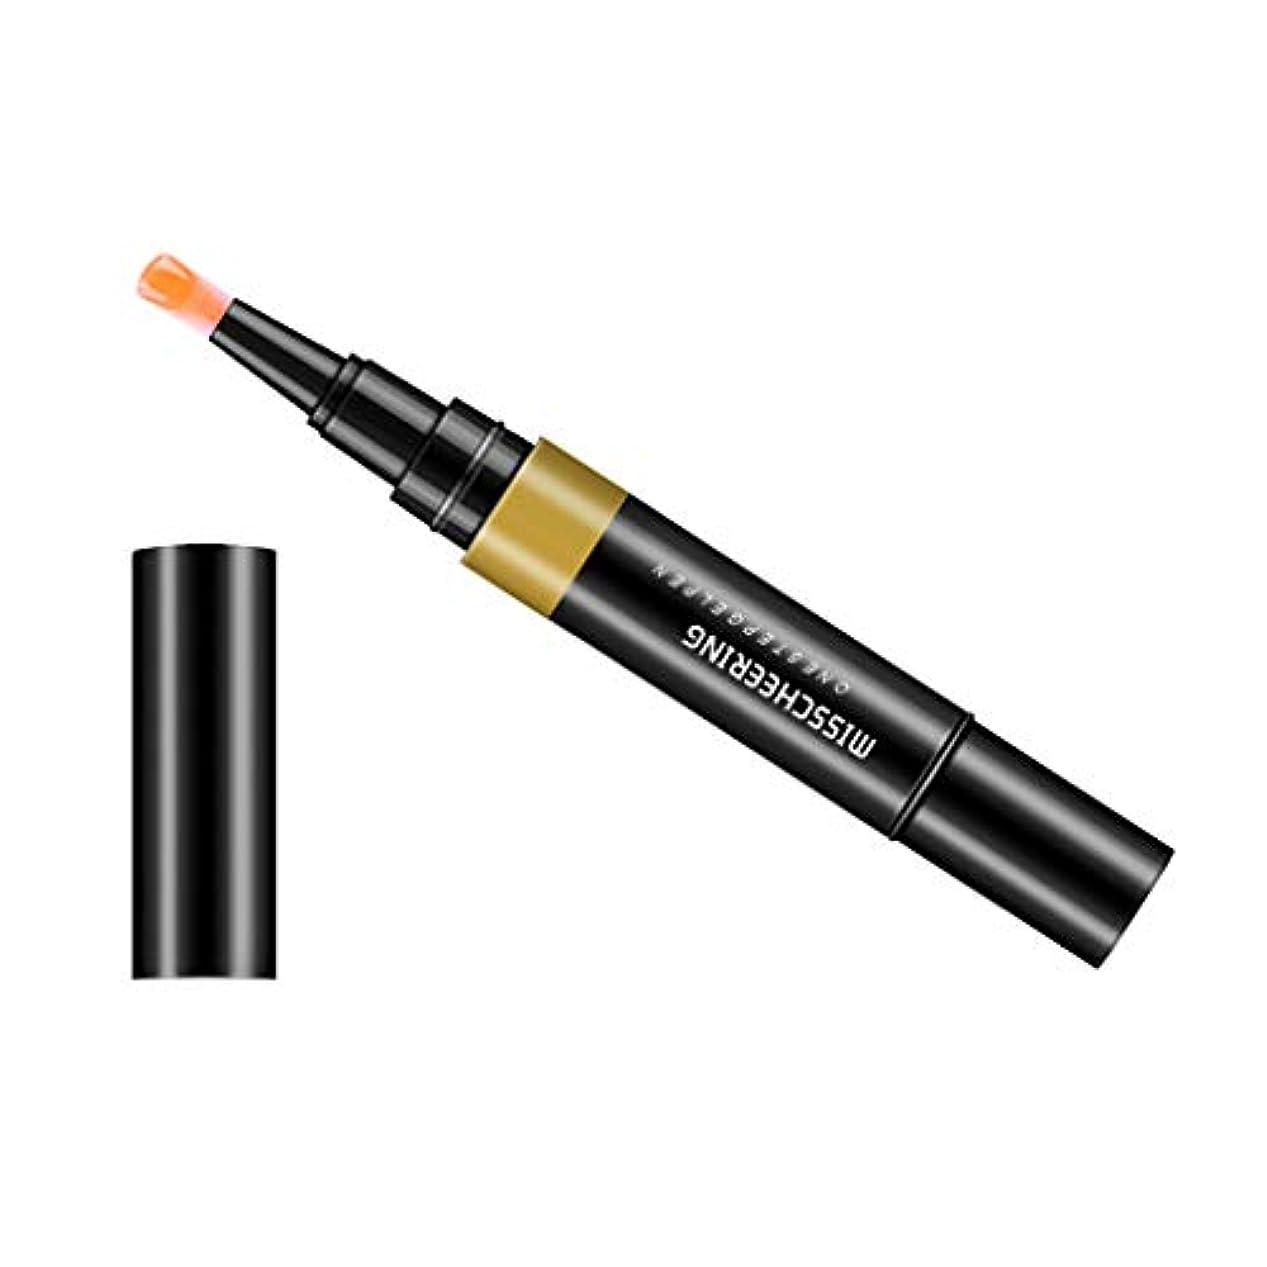 似ている雑多な無声でToygogo ジェル マニキュアペン ワニスラッカー ネイルアートペン 3 イン 1 サロン 初心者 セルフネイル DIY - ライトオレンジ